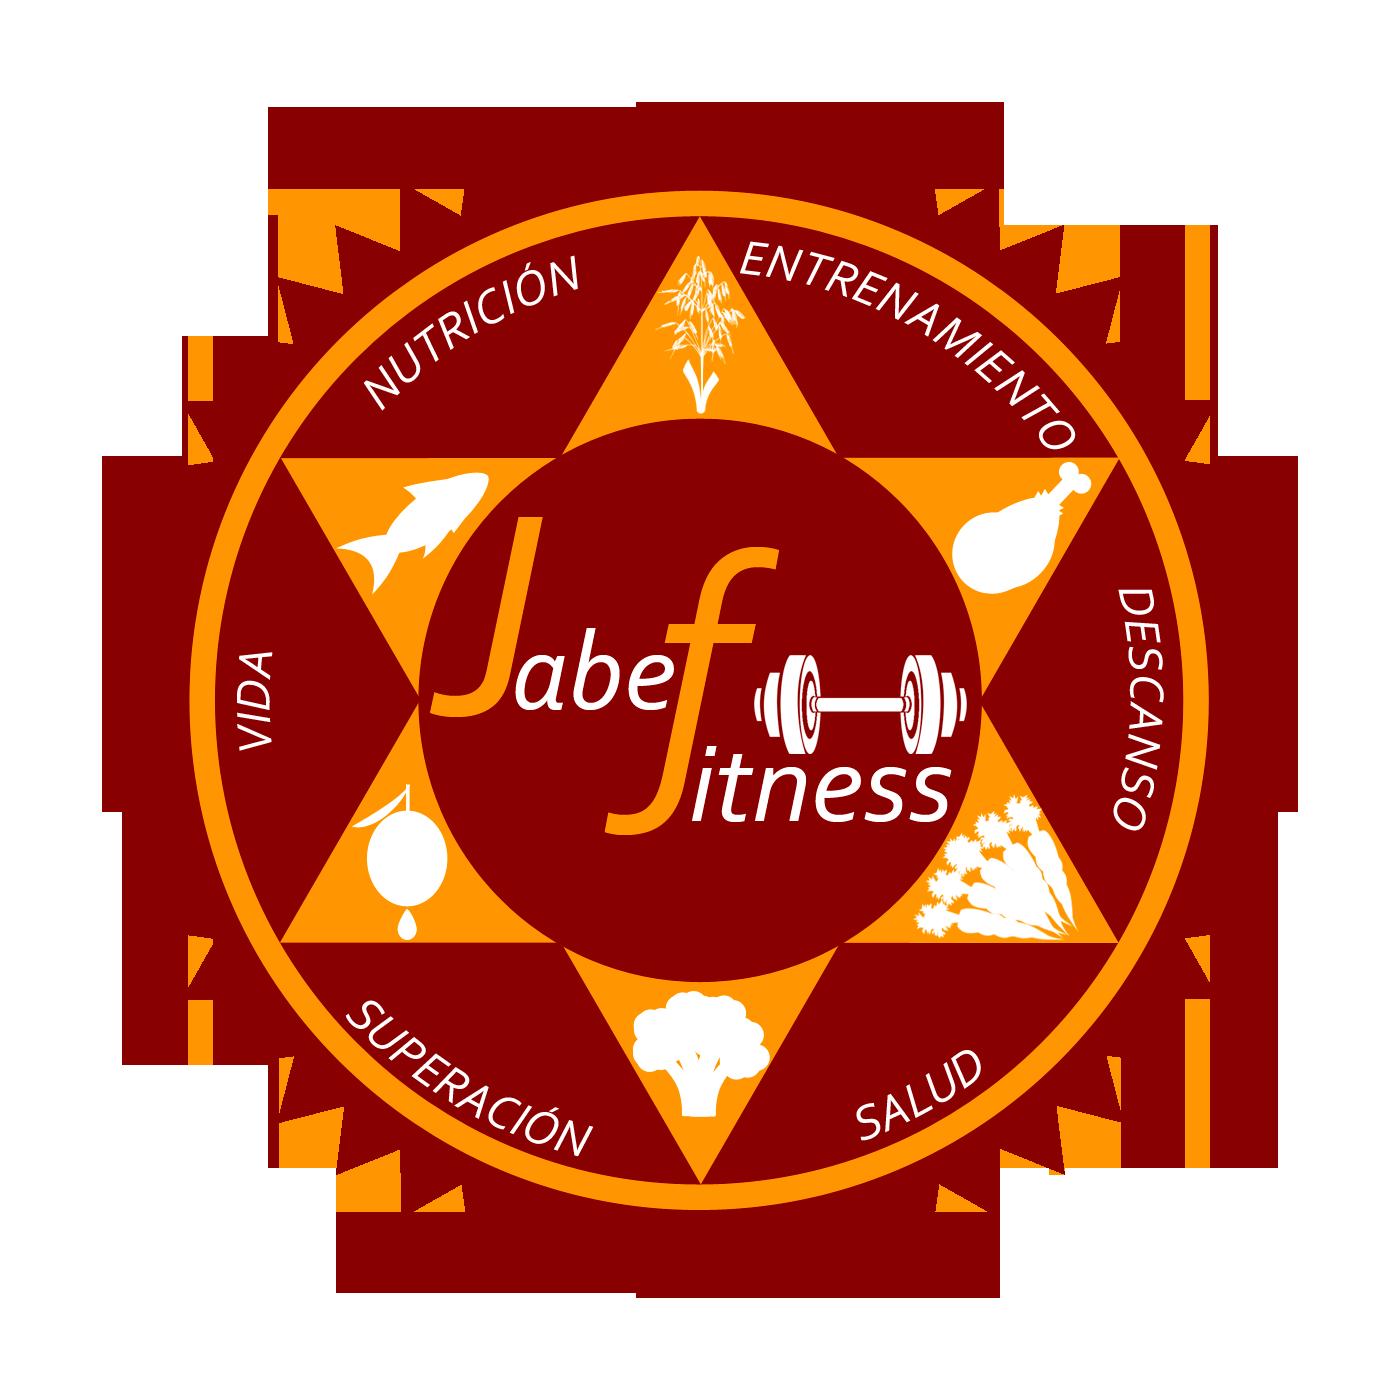 Fitness, salud, nutrición y deporte con José Alberto Benítez-Andrades - Jabefitness